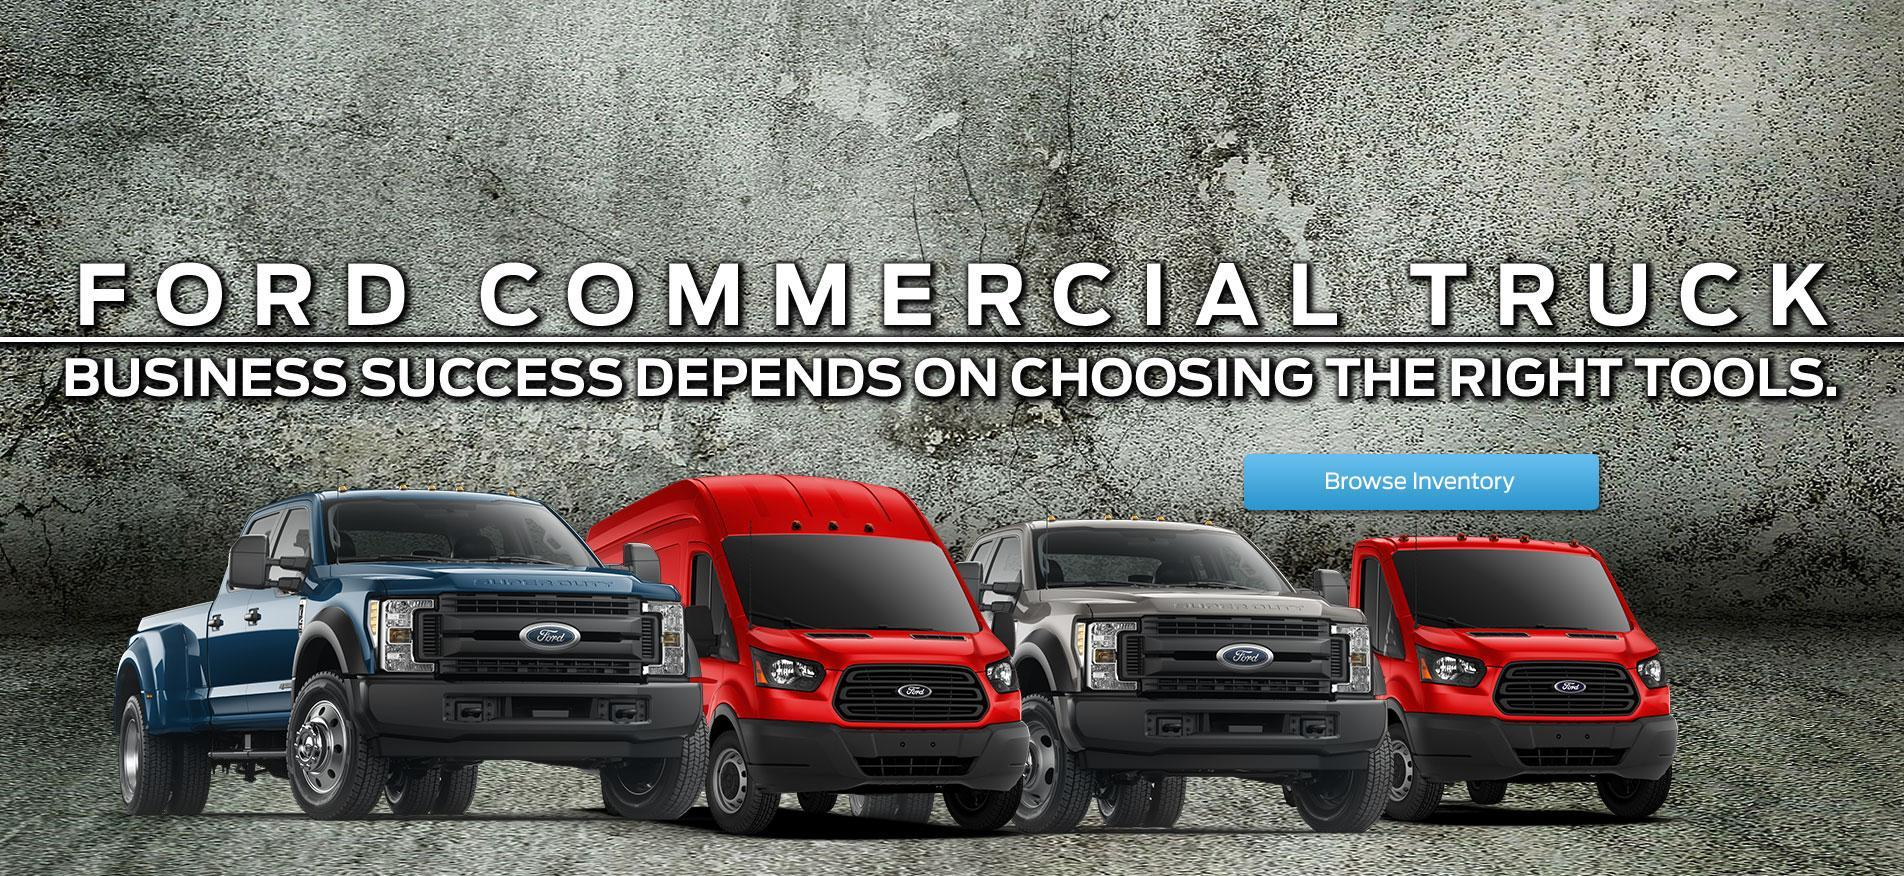 Commercial fleet trucks multiple